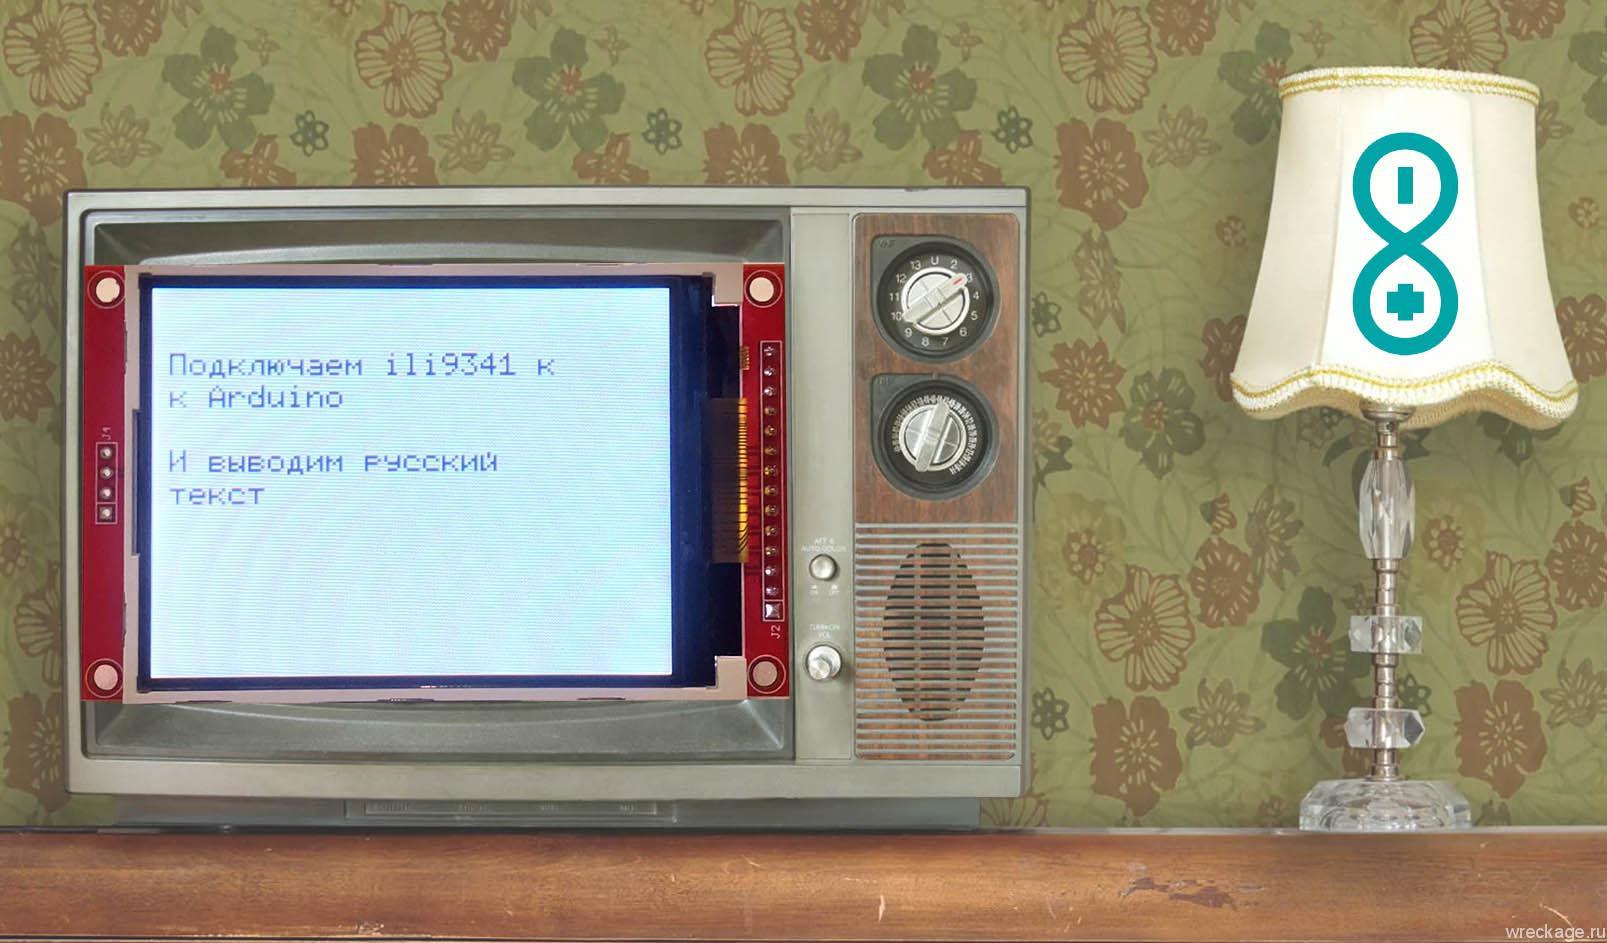 Дисплей ili9341 SPI подключение к Arduino. Русские символы и текст